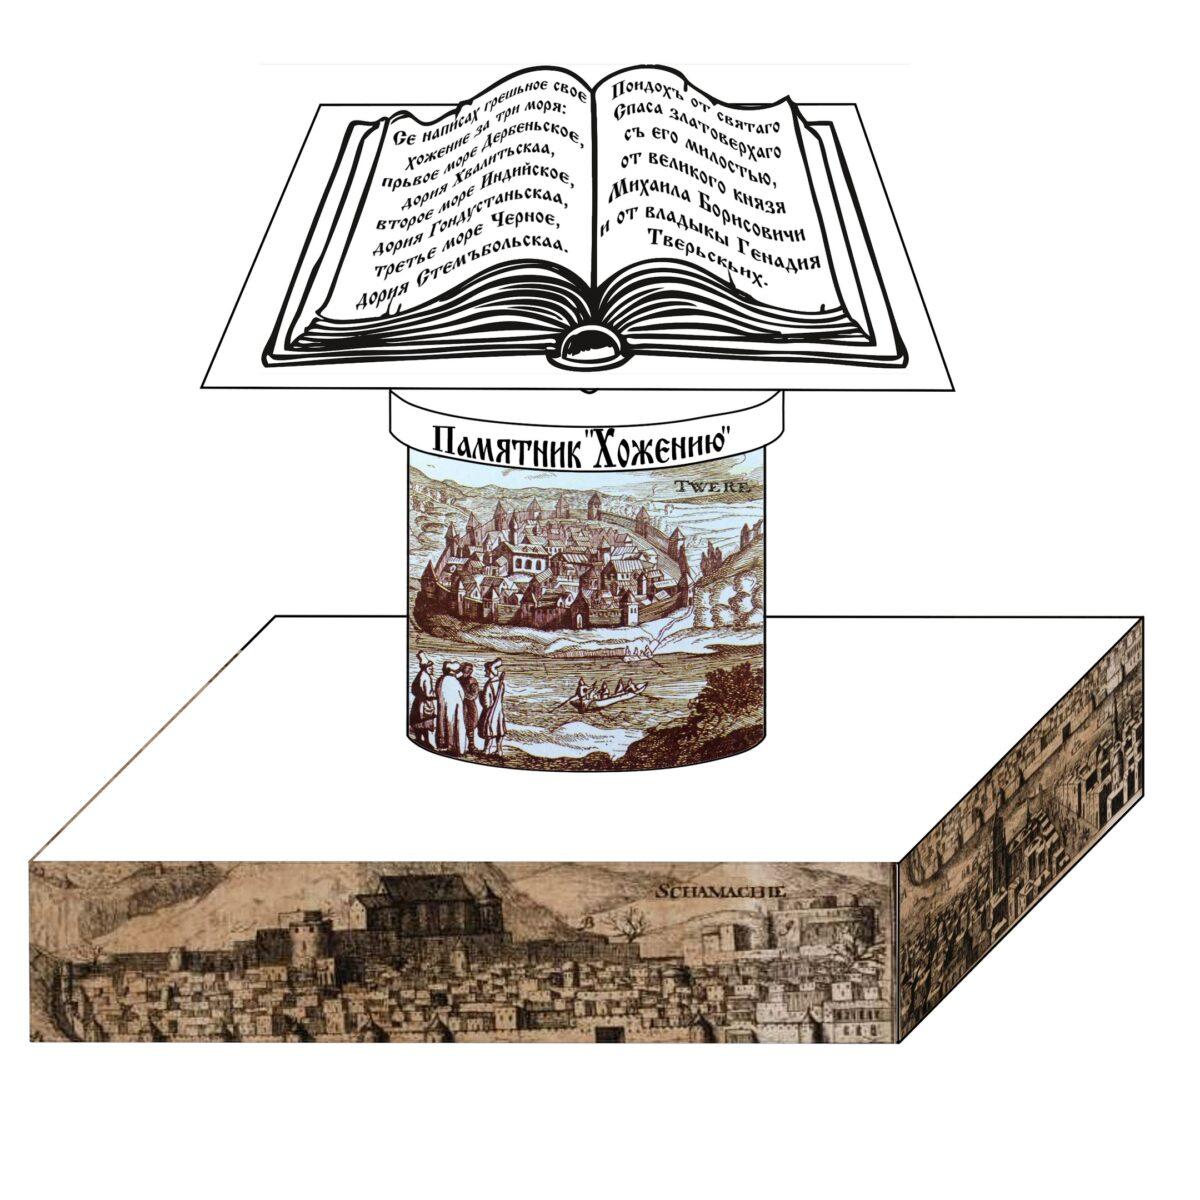 В Твери поставят памятник книге, которая вернется спустя шесть веков